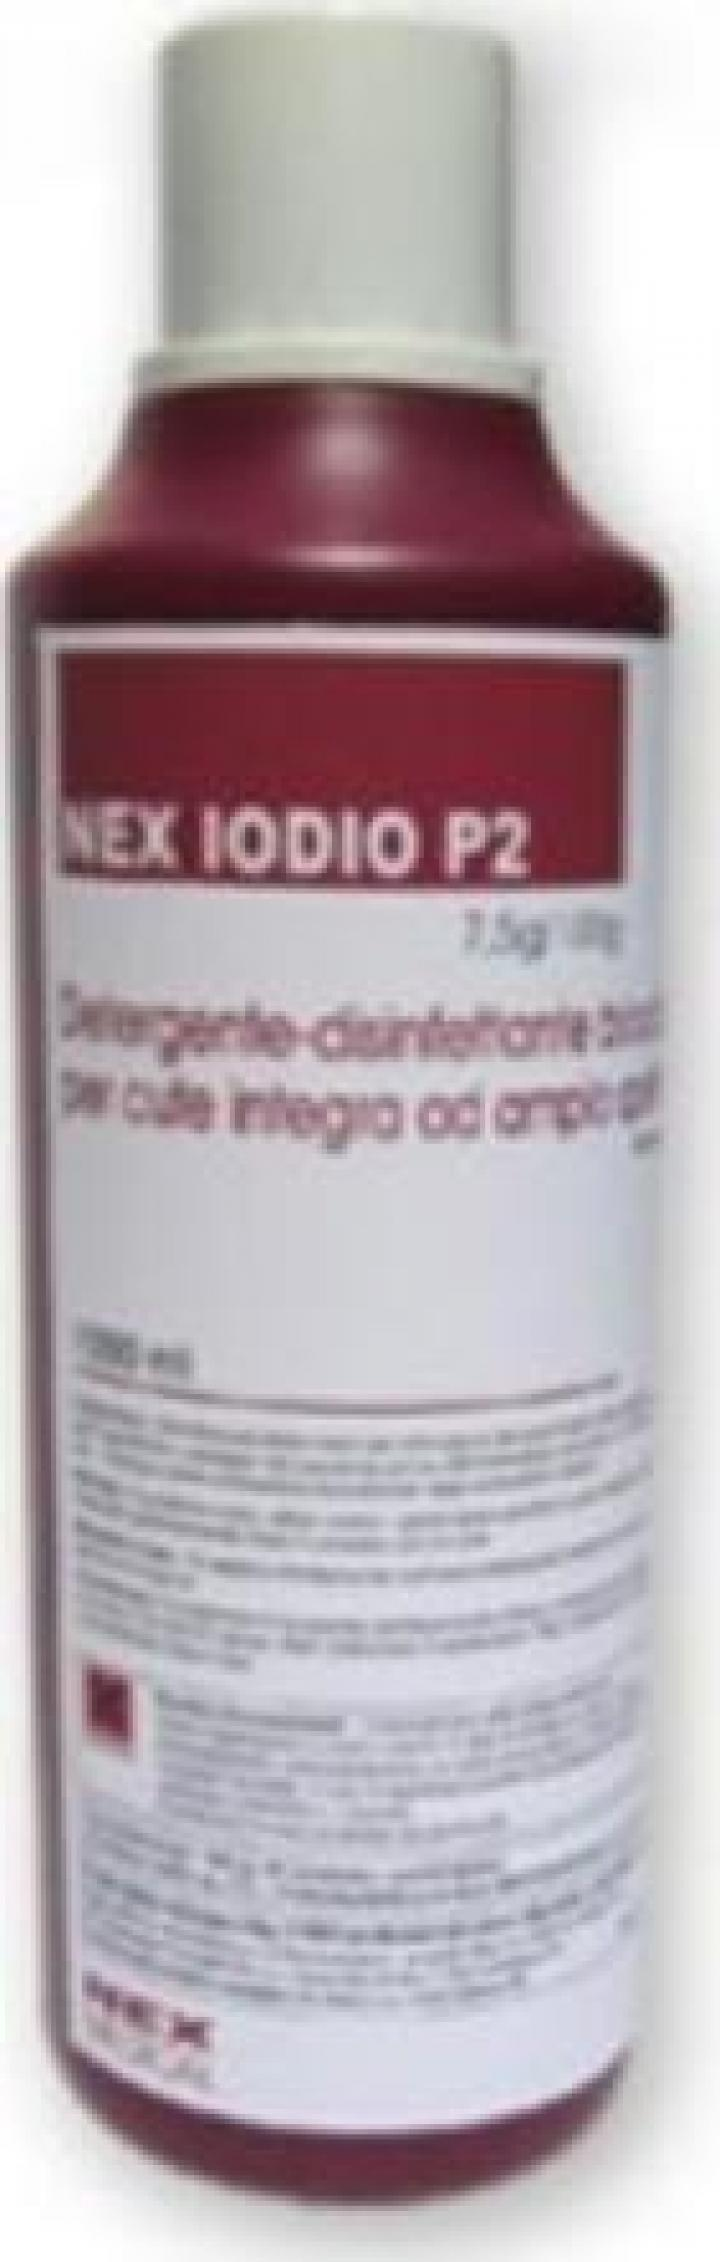 Betadina 10% Iodina Nex Iodio P2